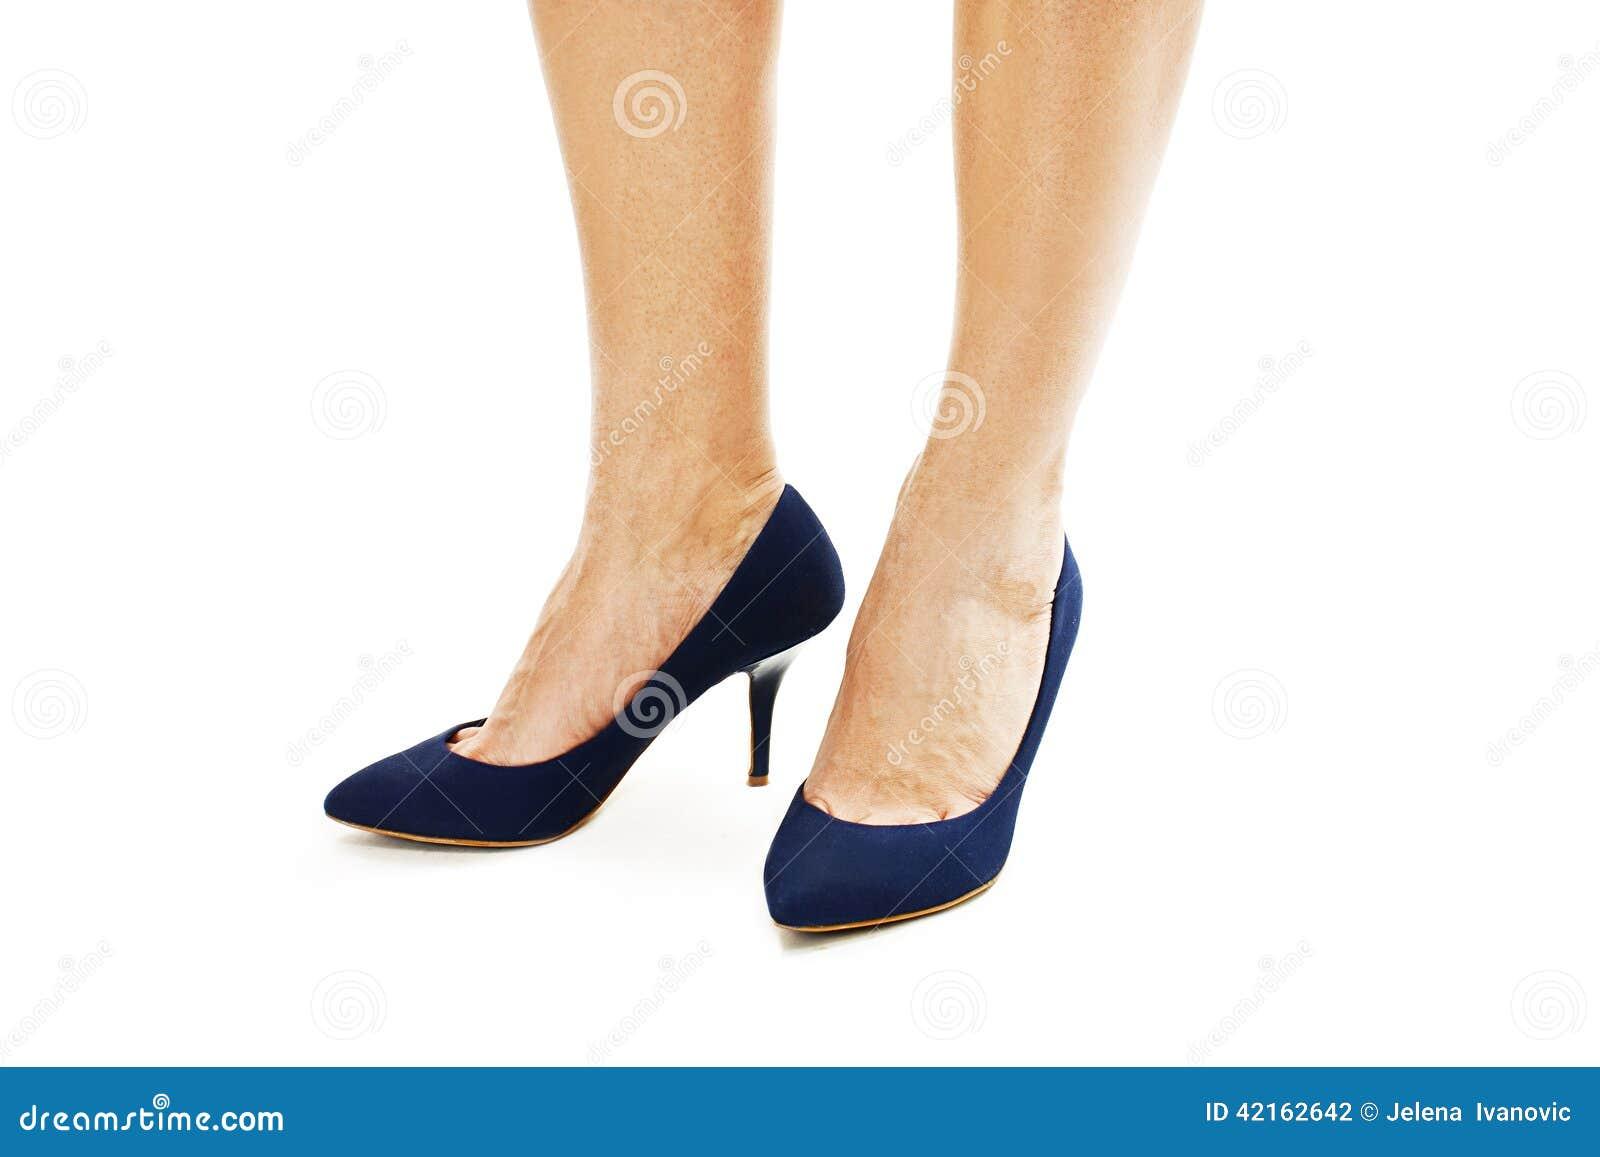 Lastest Womens Bow Tie High Heels Stiletto Pumps Sandals Ladies ...